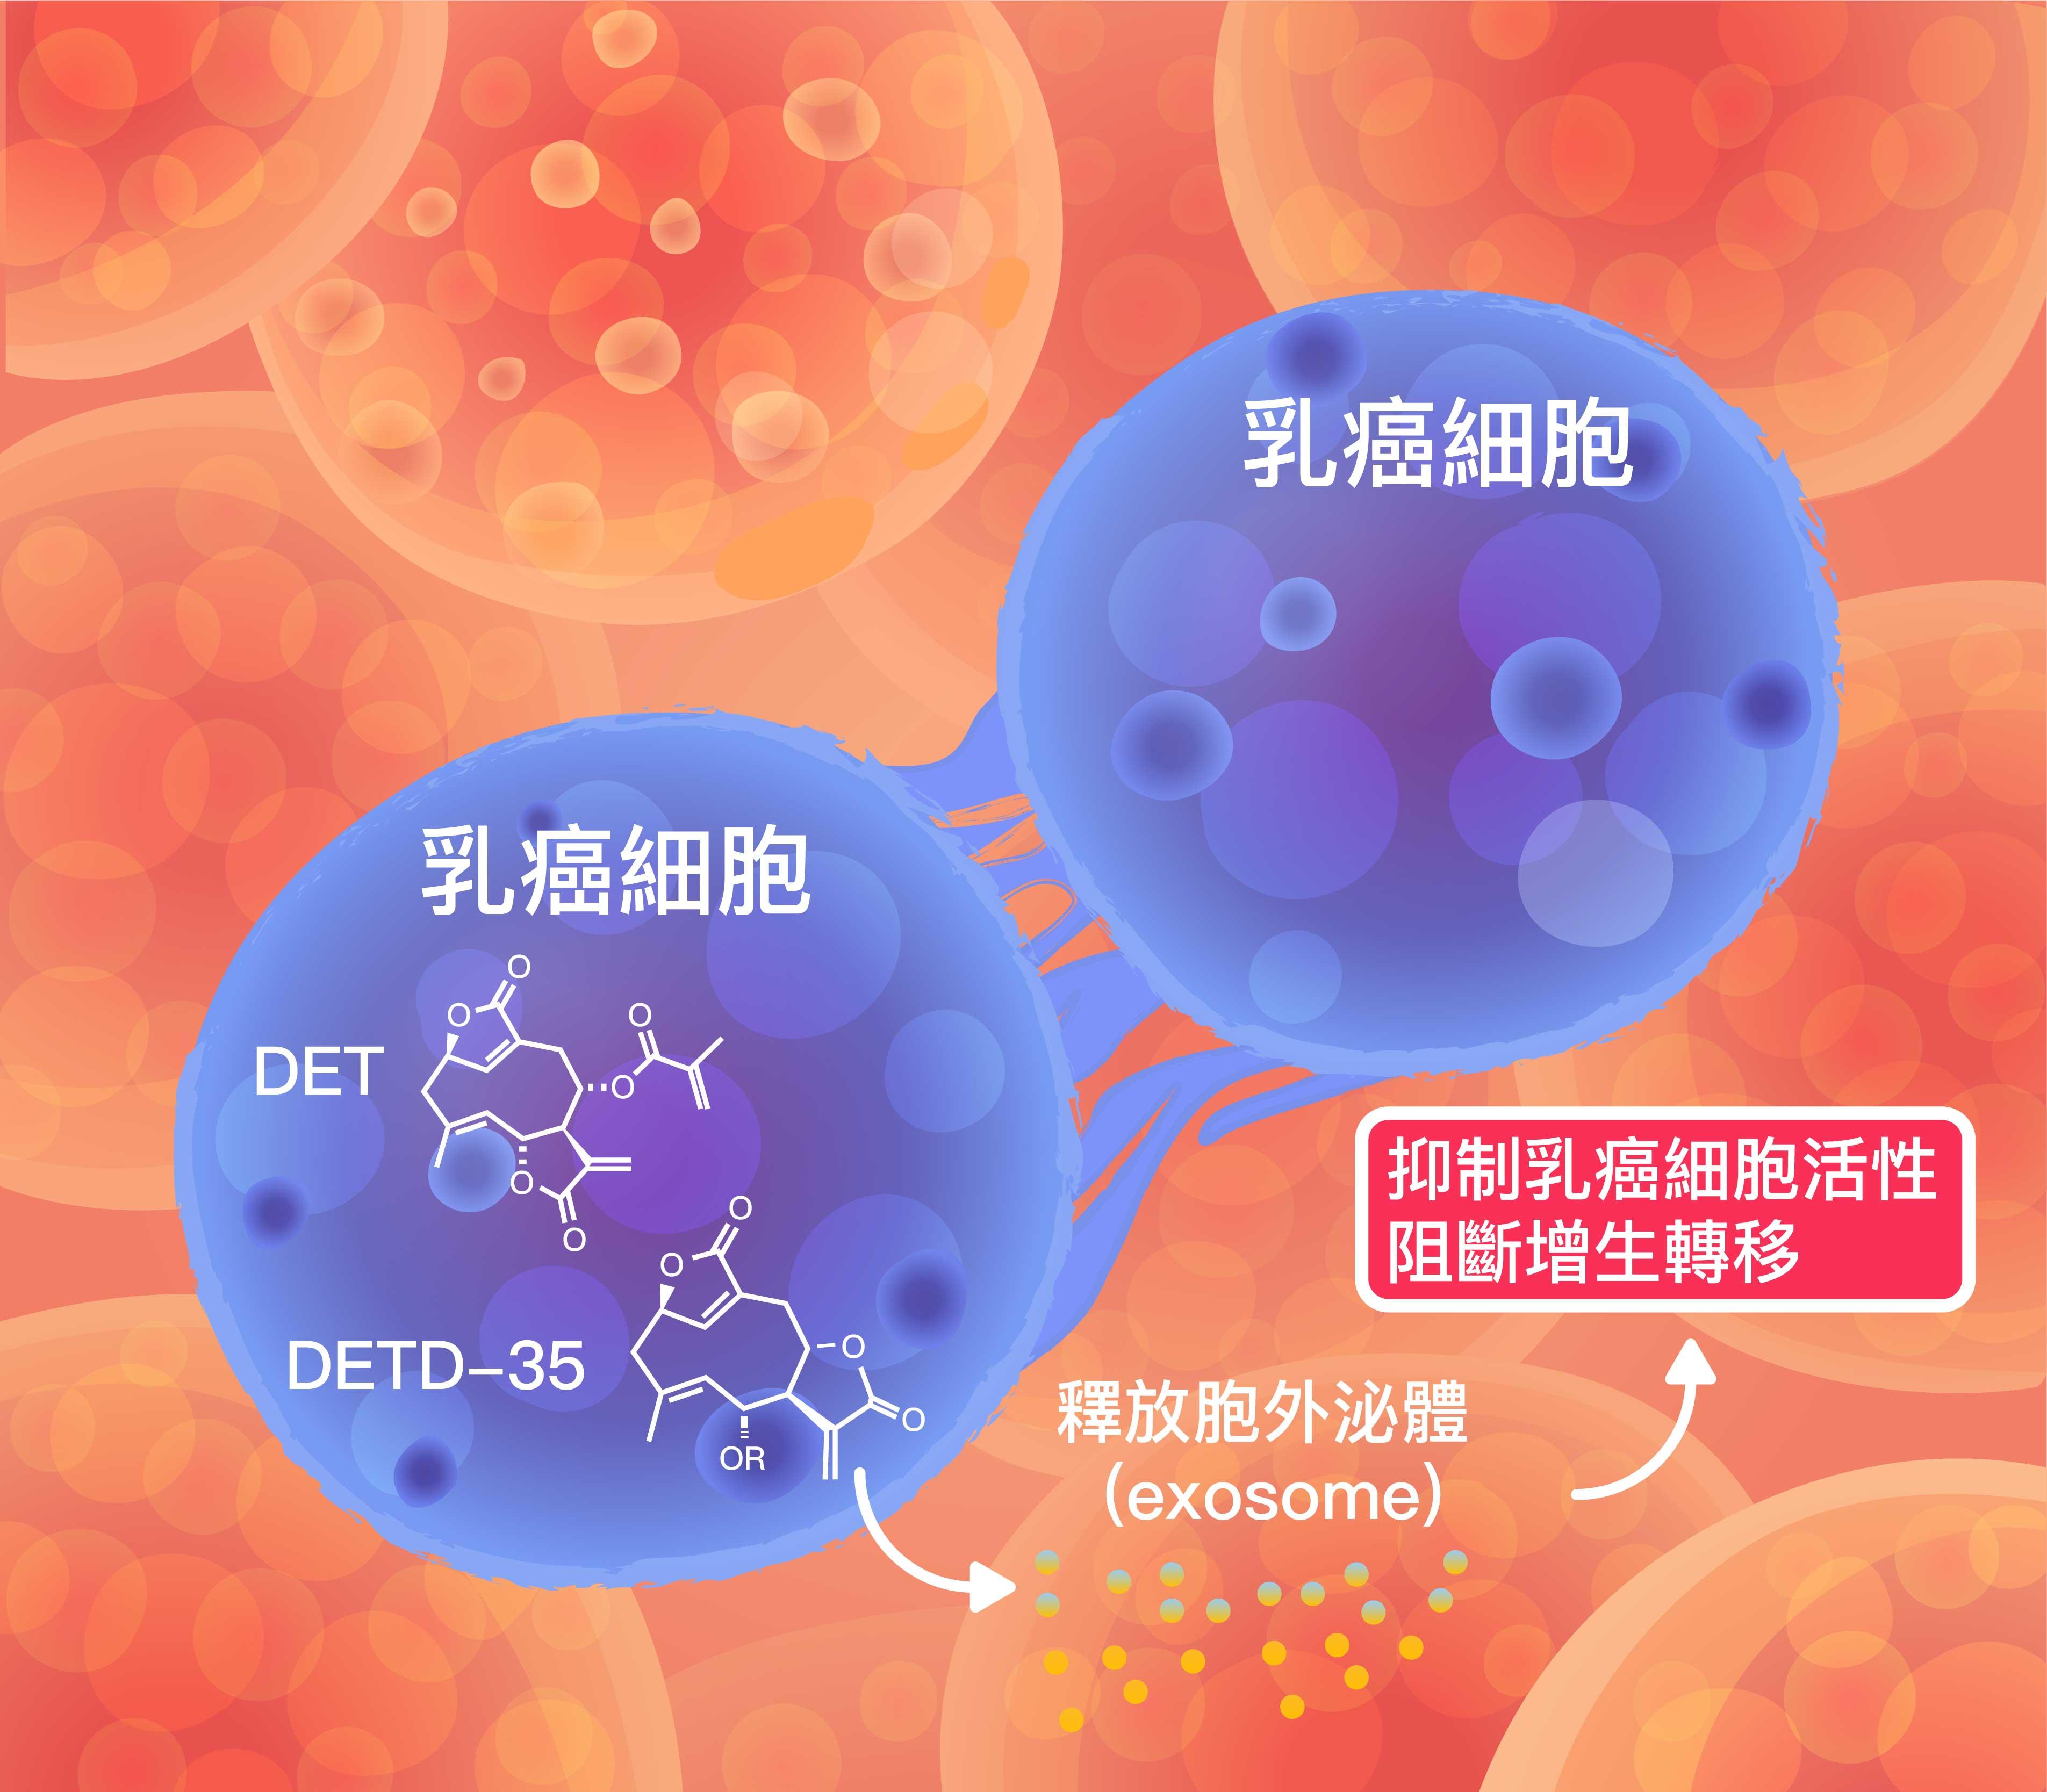 想像示意圖:乳癌細胞經由地膽草 DET 成分處理,改變胞外泌體的蛋白質成分,進而阻斷癌細胞增生。 資料來源│徐麗芬 圖說重製│張語辰